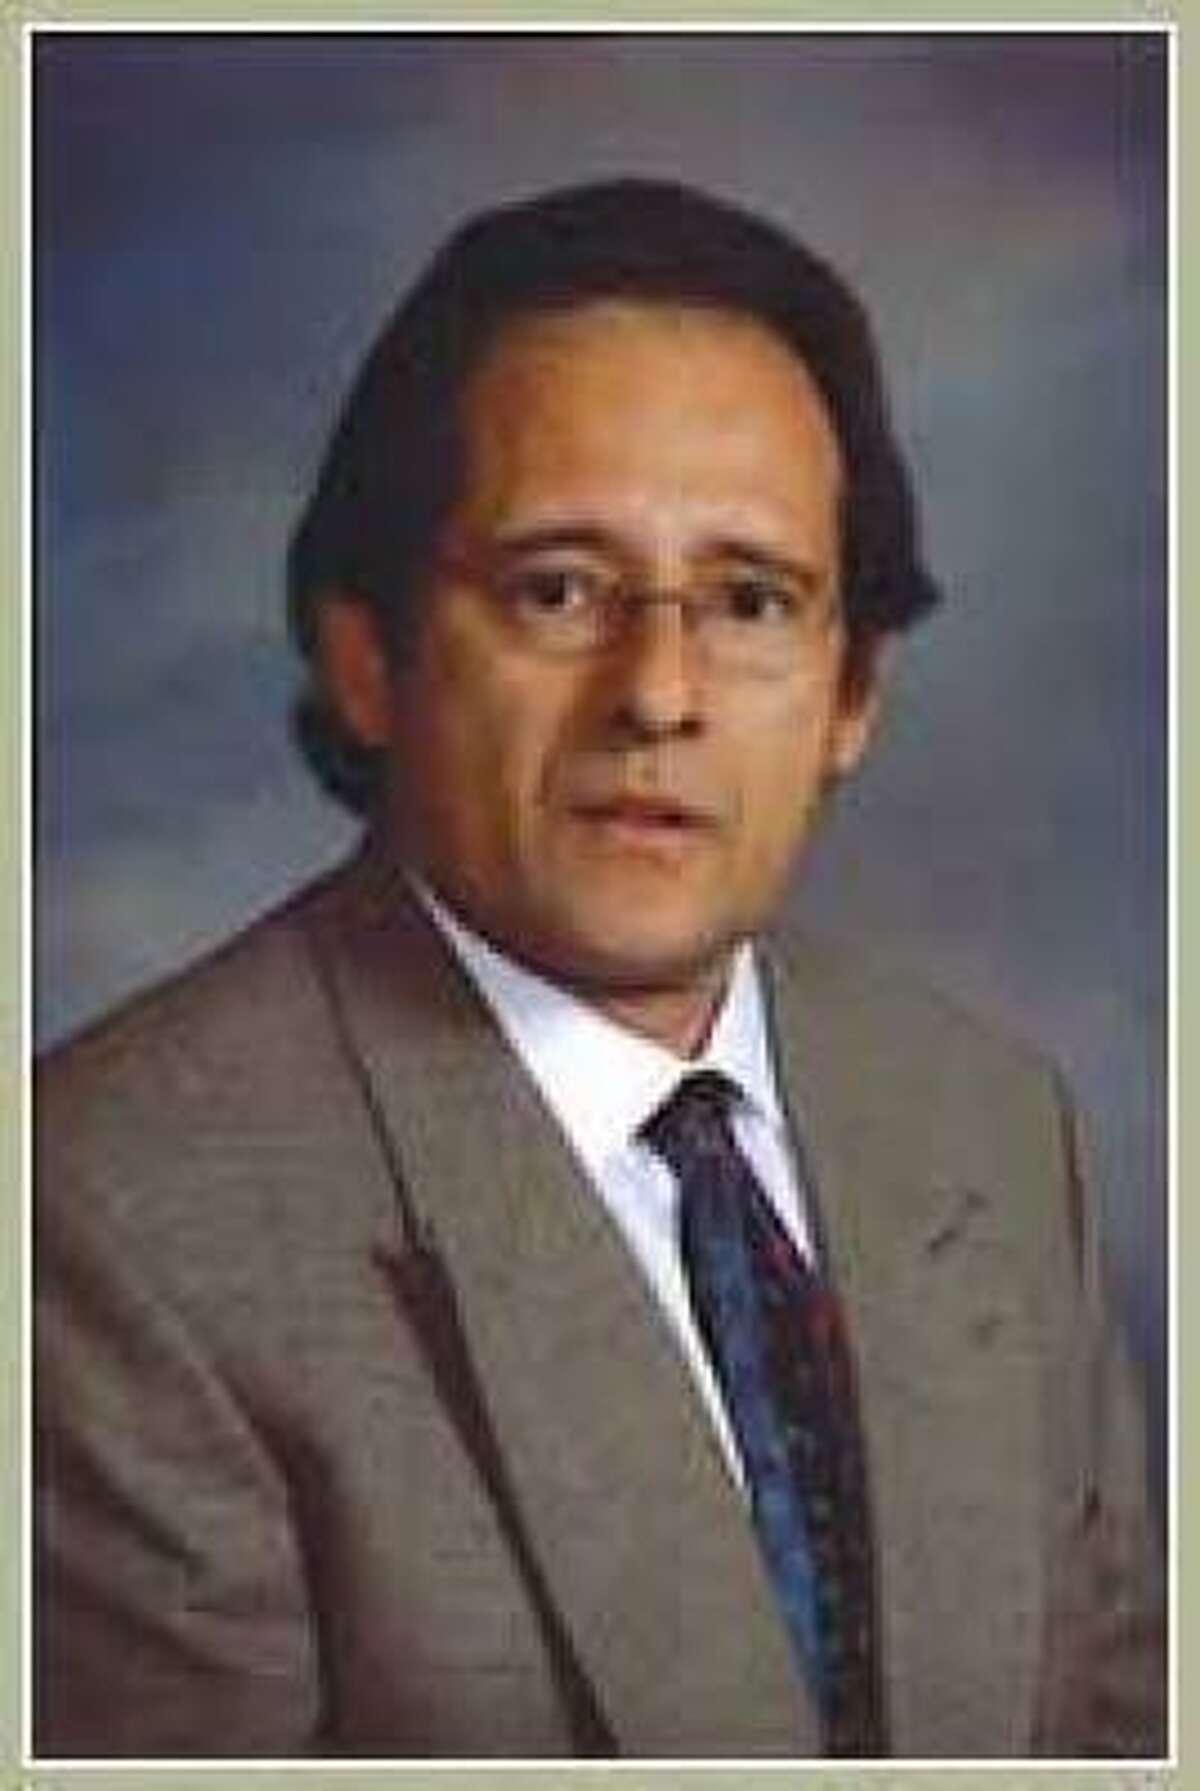 Jorge Mario González, M.D. del Hospital Metodista, murió el sábado pasado aparentemente asesinado.